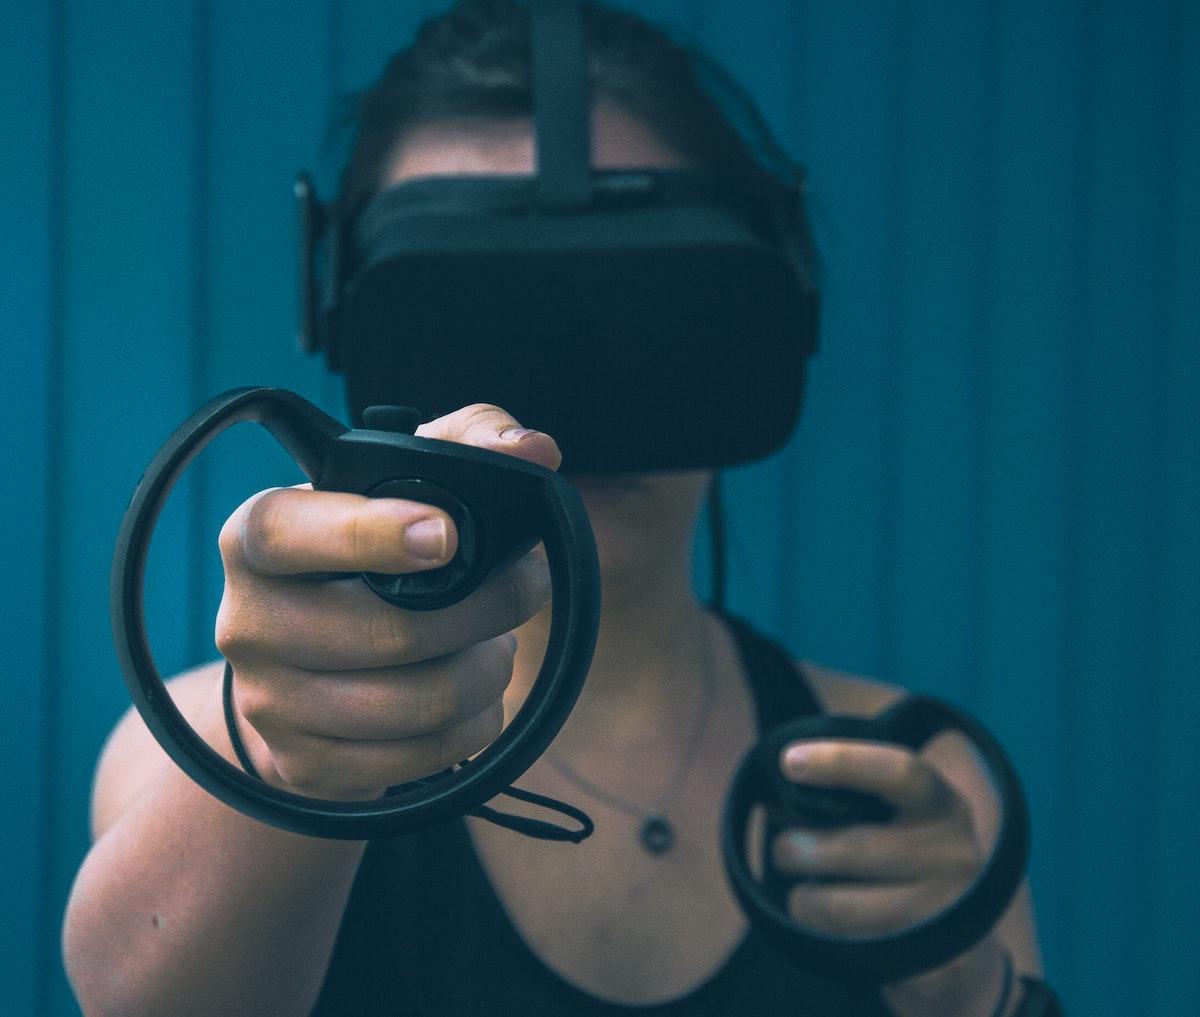 Piețele de realitate virtuală și realitate augmentată vor crește masiv până în 2025